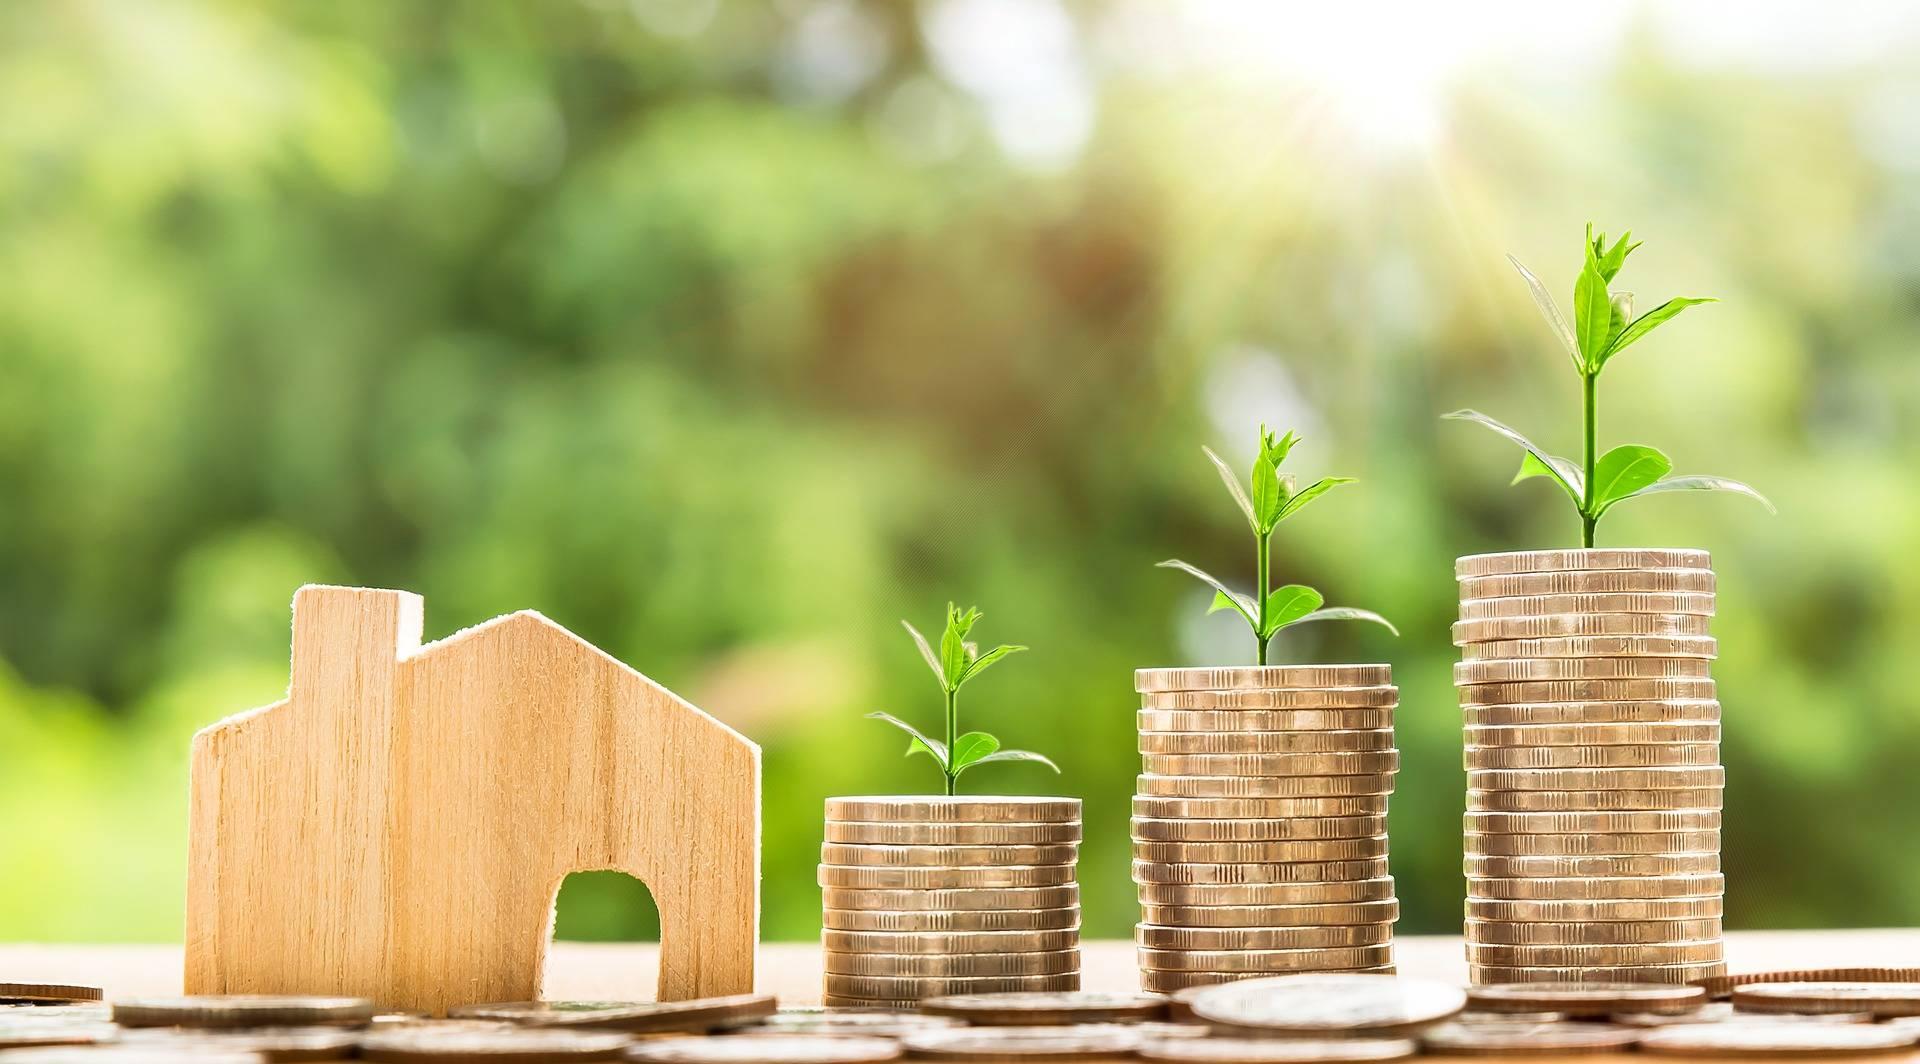 Saiba-tudo-sobre-a-linha-de-crédito-imobiliário-que-utiliza-recursos-do-FGTS-2018-Brascon